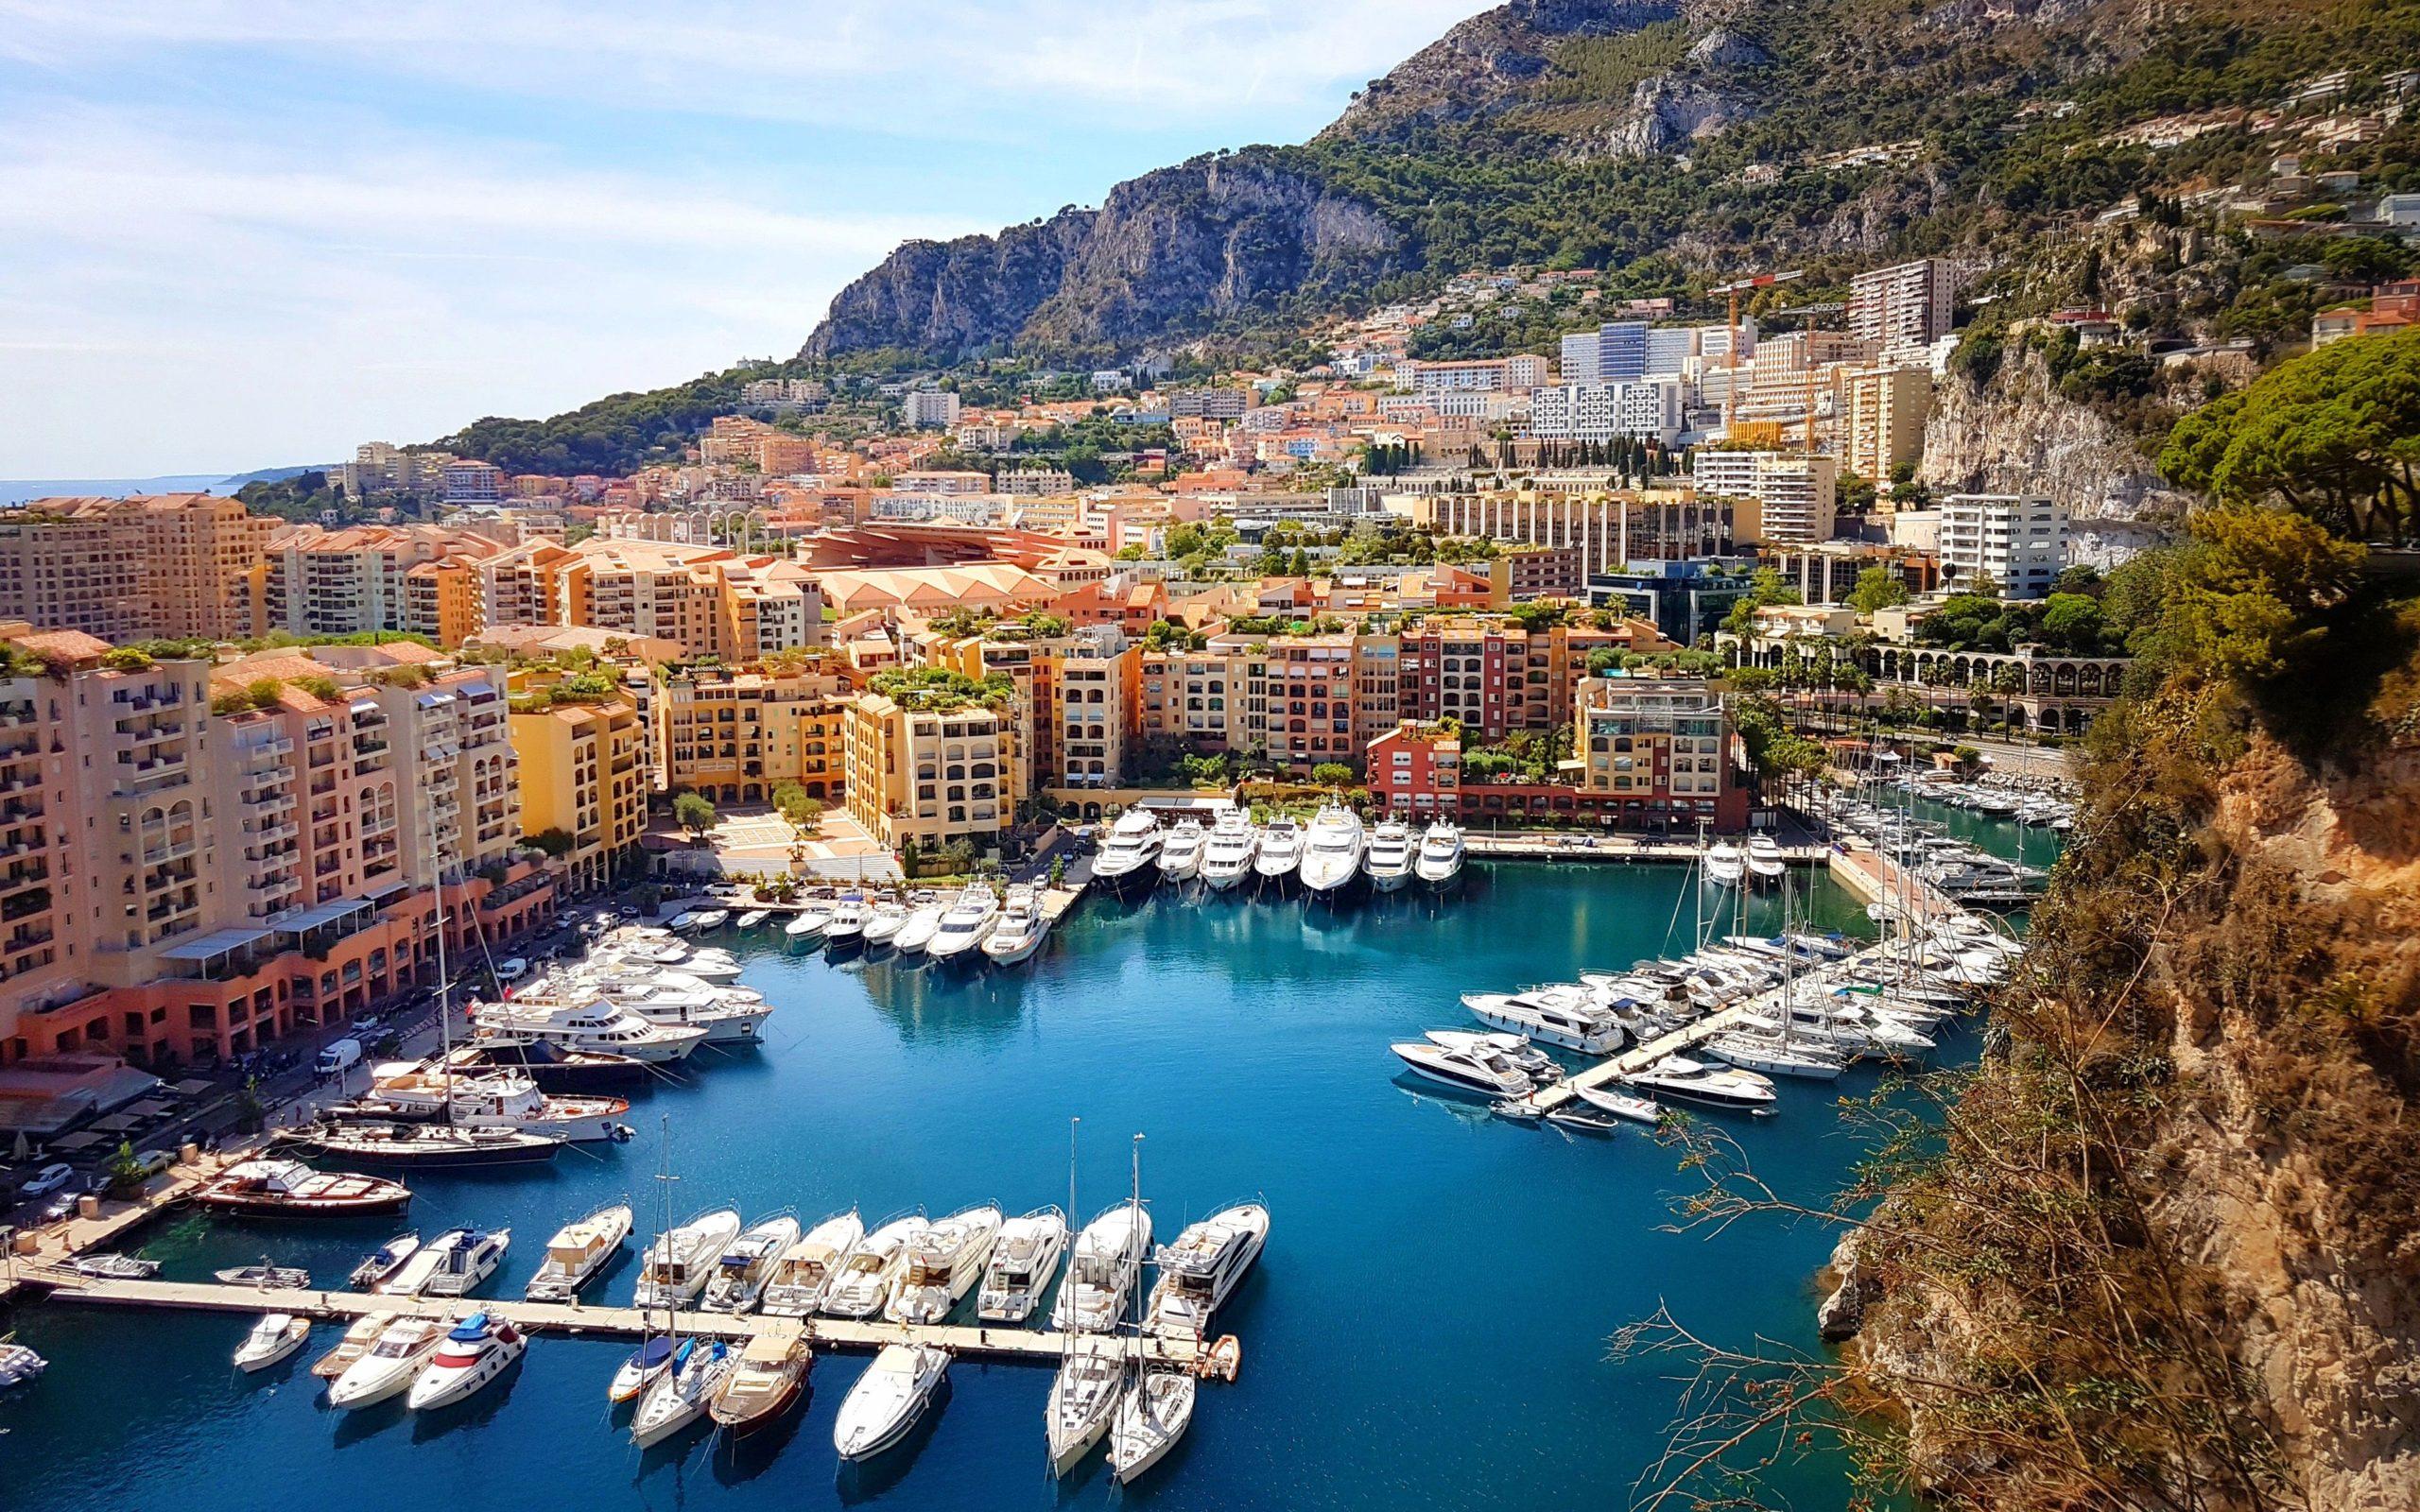 Conheça curiosidades incríveis sobre Mônaco e Monte-Carlo